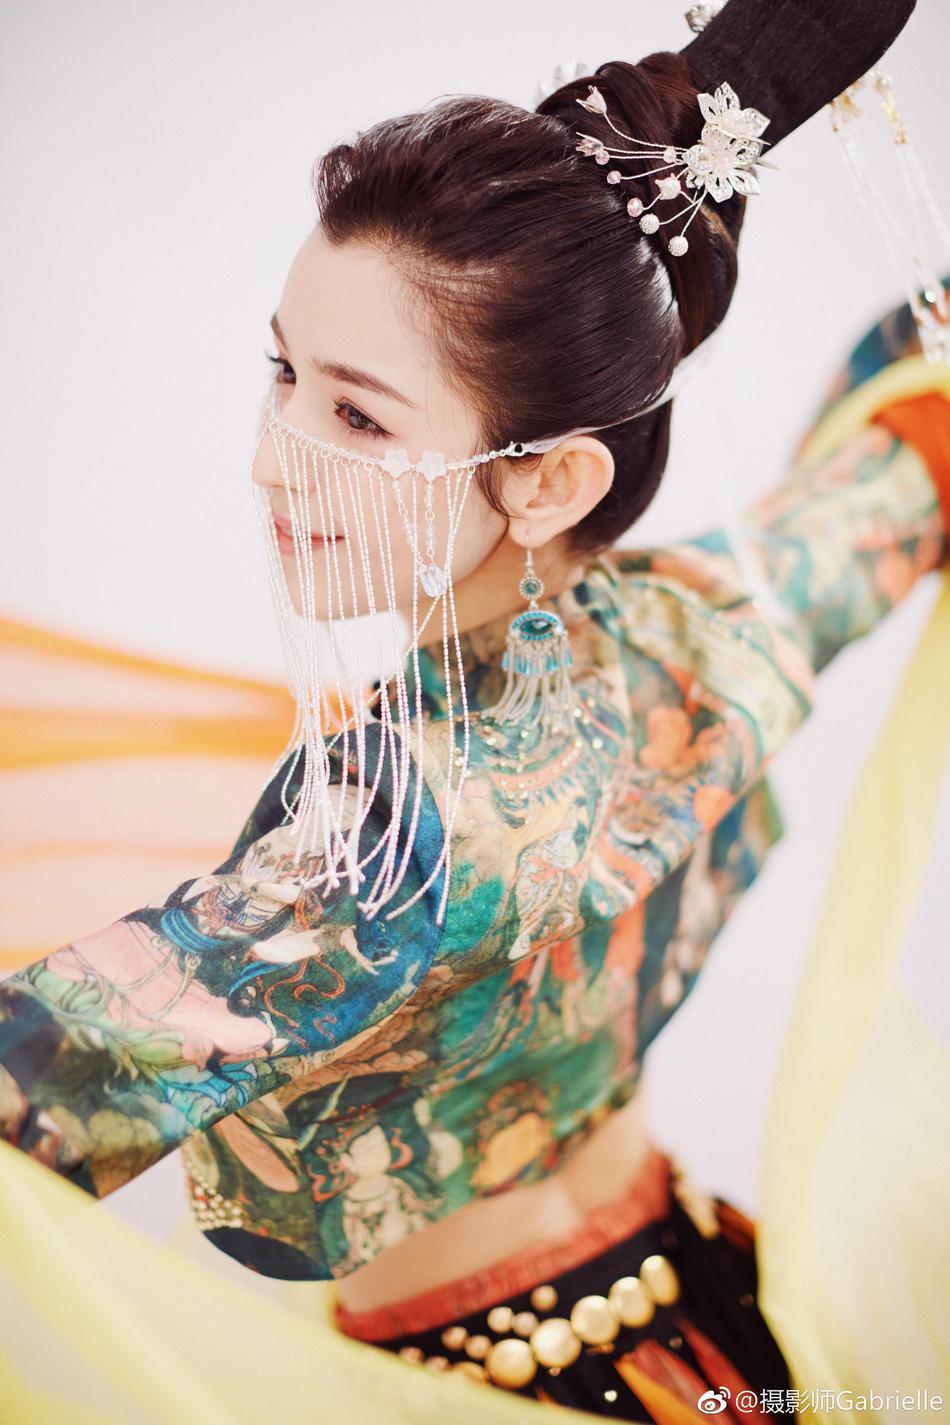 my nhan Tan Cuong  11